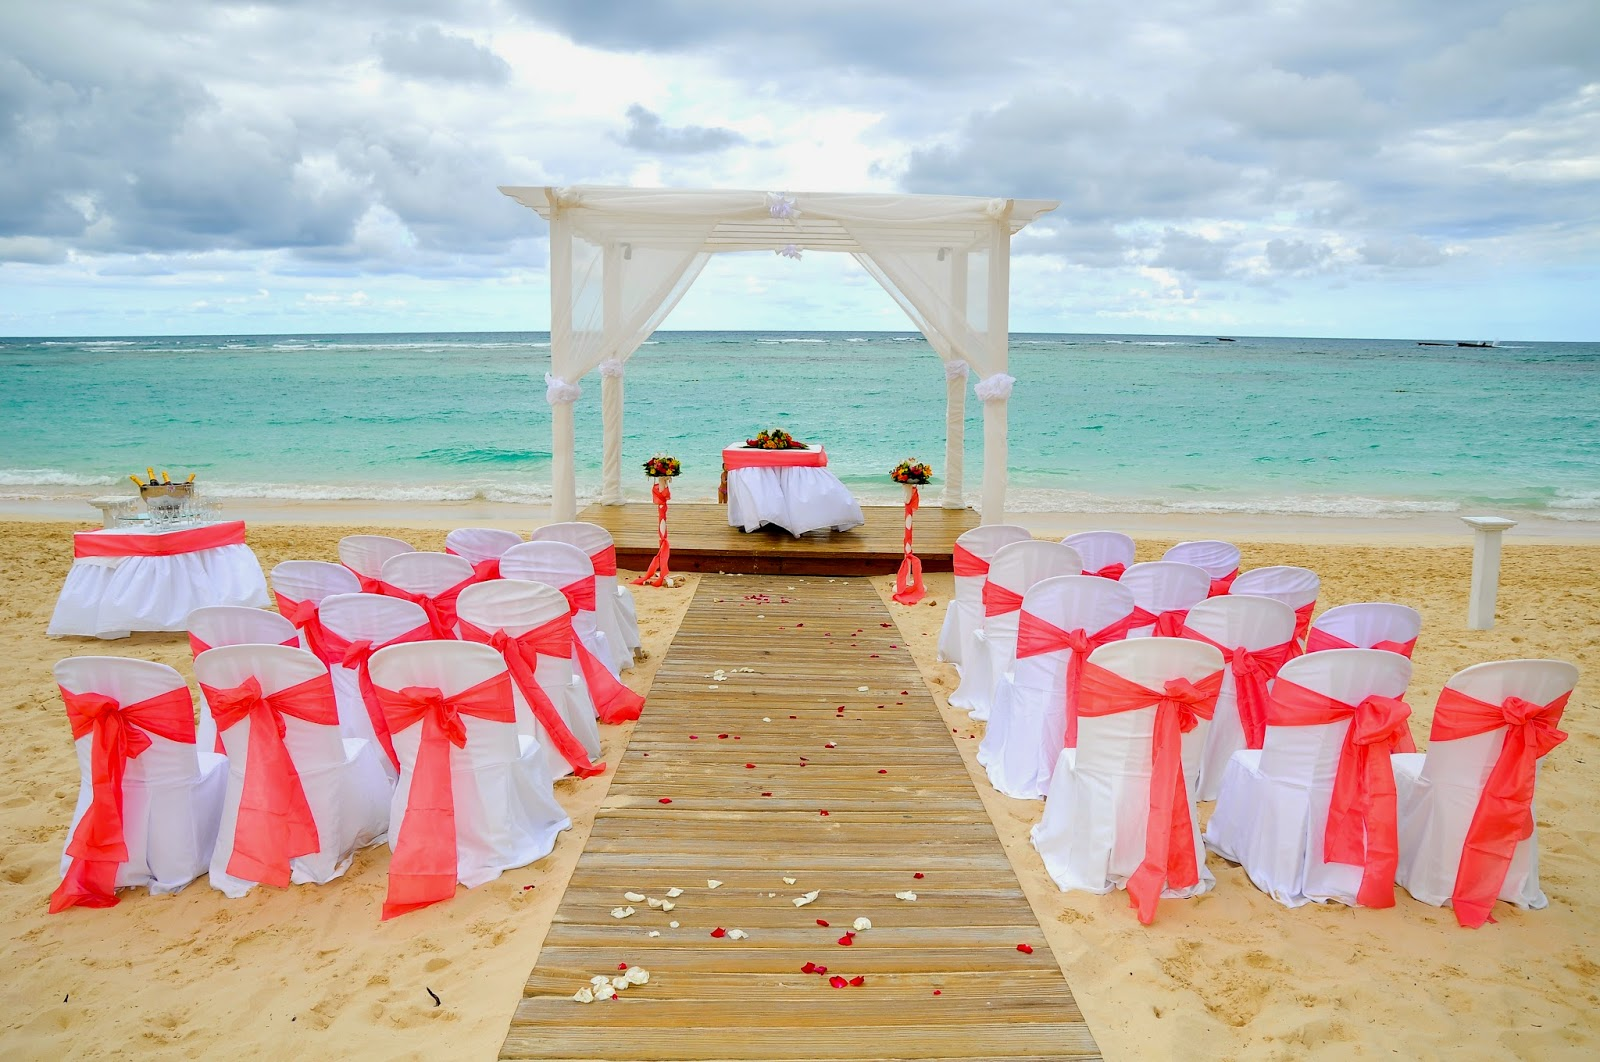 Mariage sur la plage mariages de shana - Mariage a la plage ...